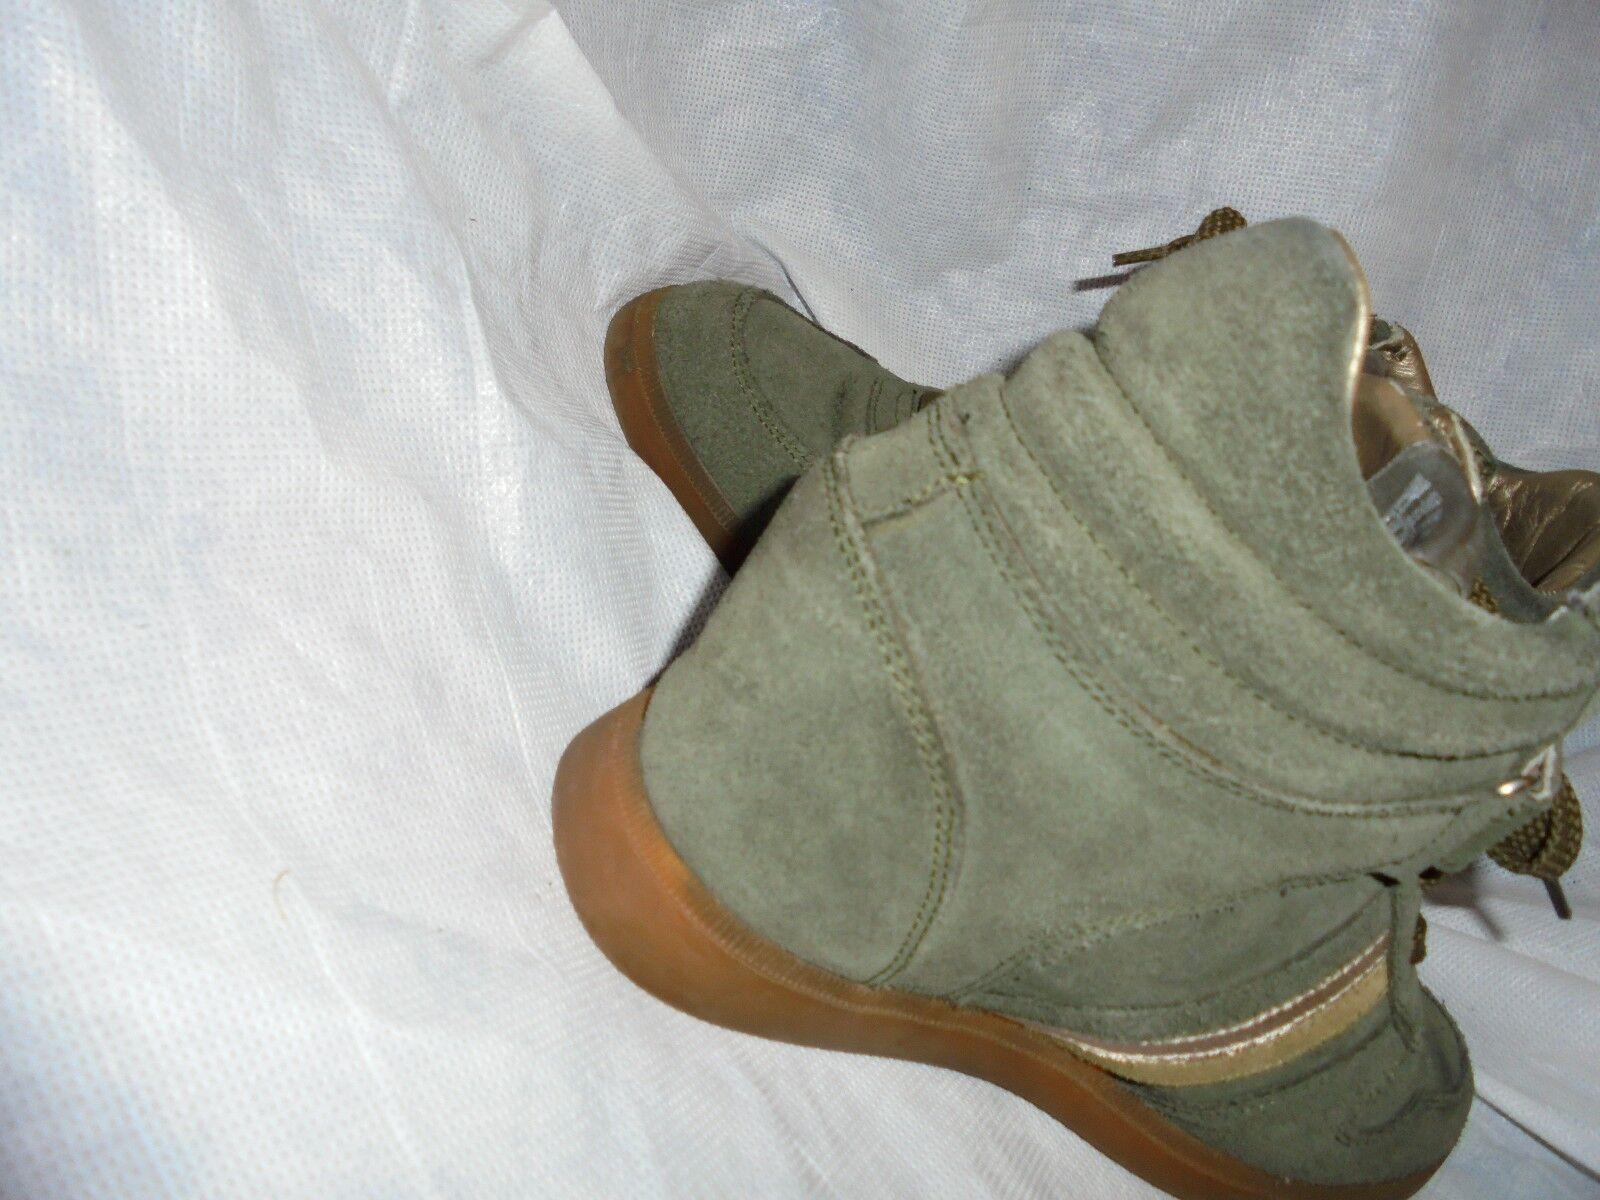 SERAFINI donna verdi in pelle e Lacci pelle scamosciata Boot Lacci e Zeppa Misura EU 38 in buonissima condizione 1d289e